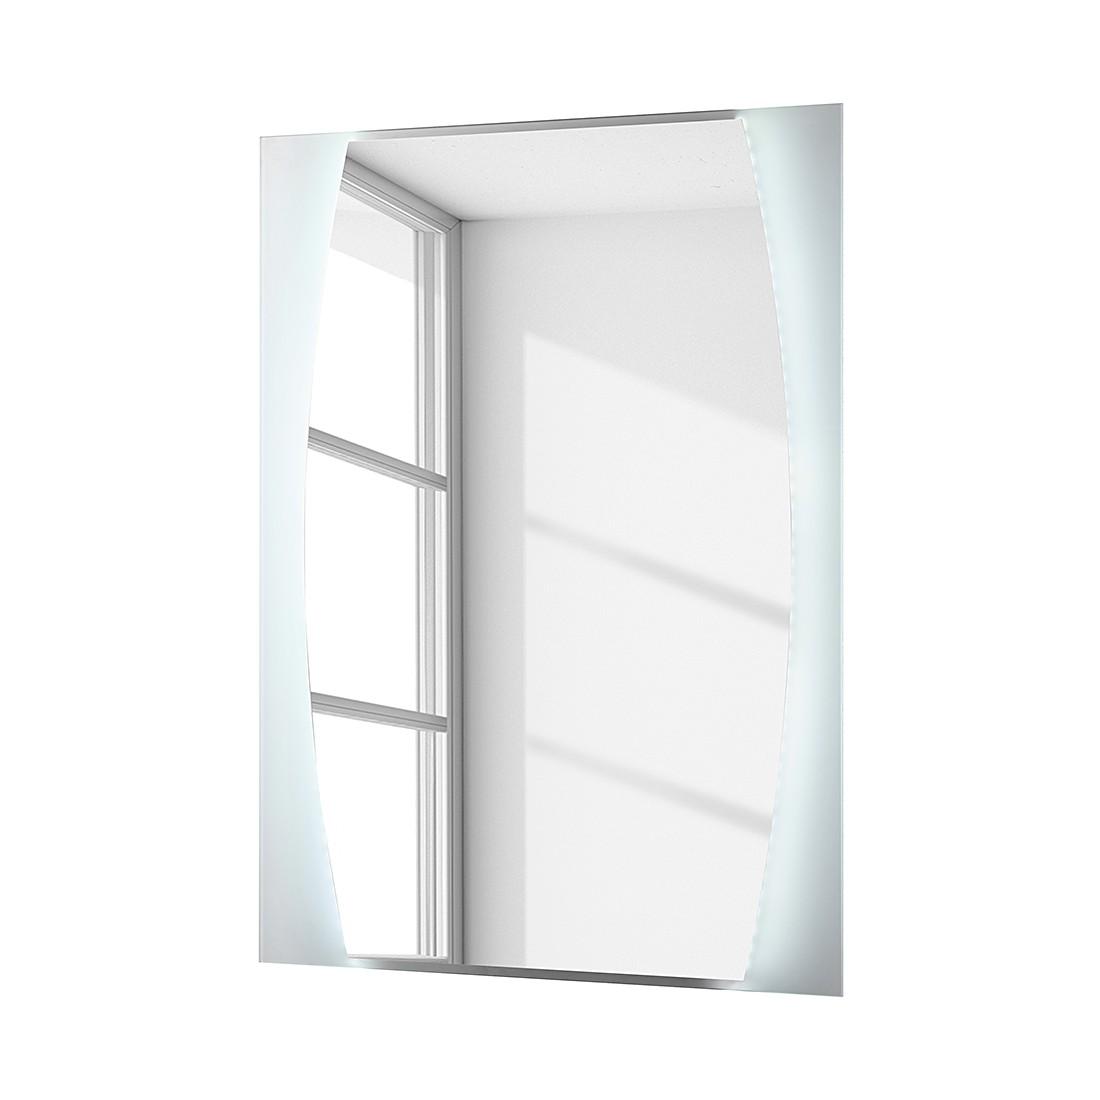 Wandspiegel Optima – 60 cm, Fackelmann günstig kaufen